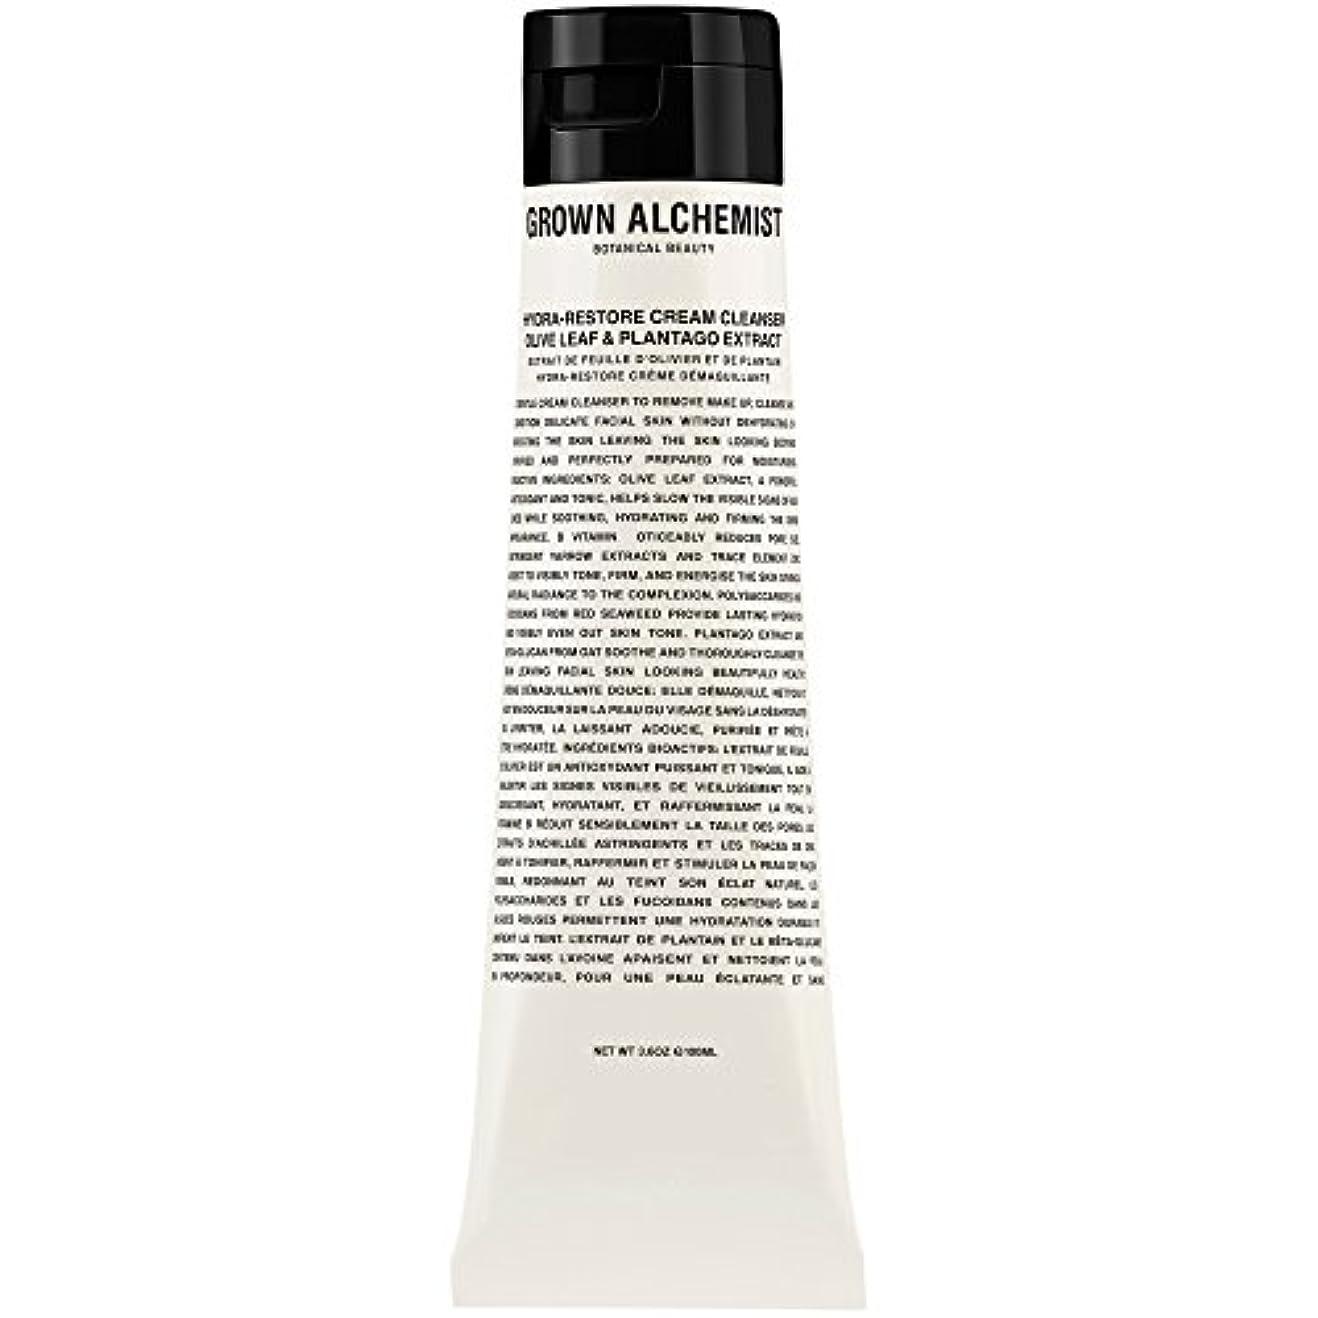 挨拶黒段階オリーブの葉&Plantogoエキス、100ミリリットル:成長した錬金術師クリームクレンザーをヒドラ復元 (Grown Alchemist) (x2) - Grown Alchemist Hydra-Restore Cream...